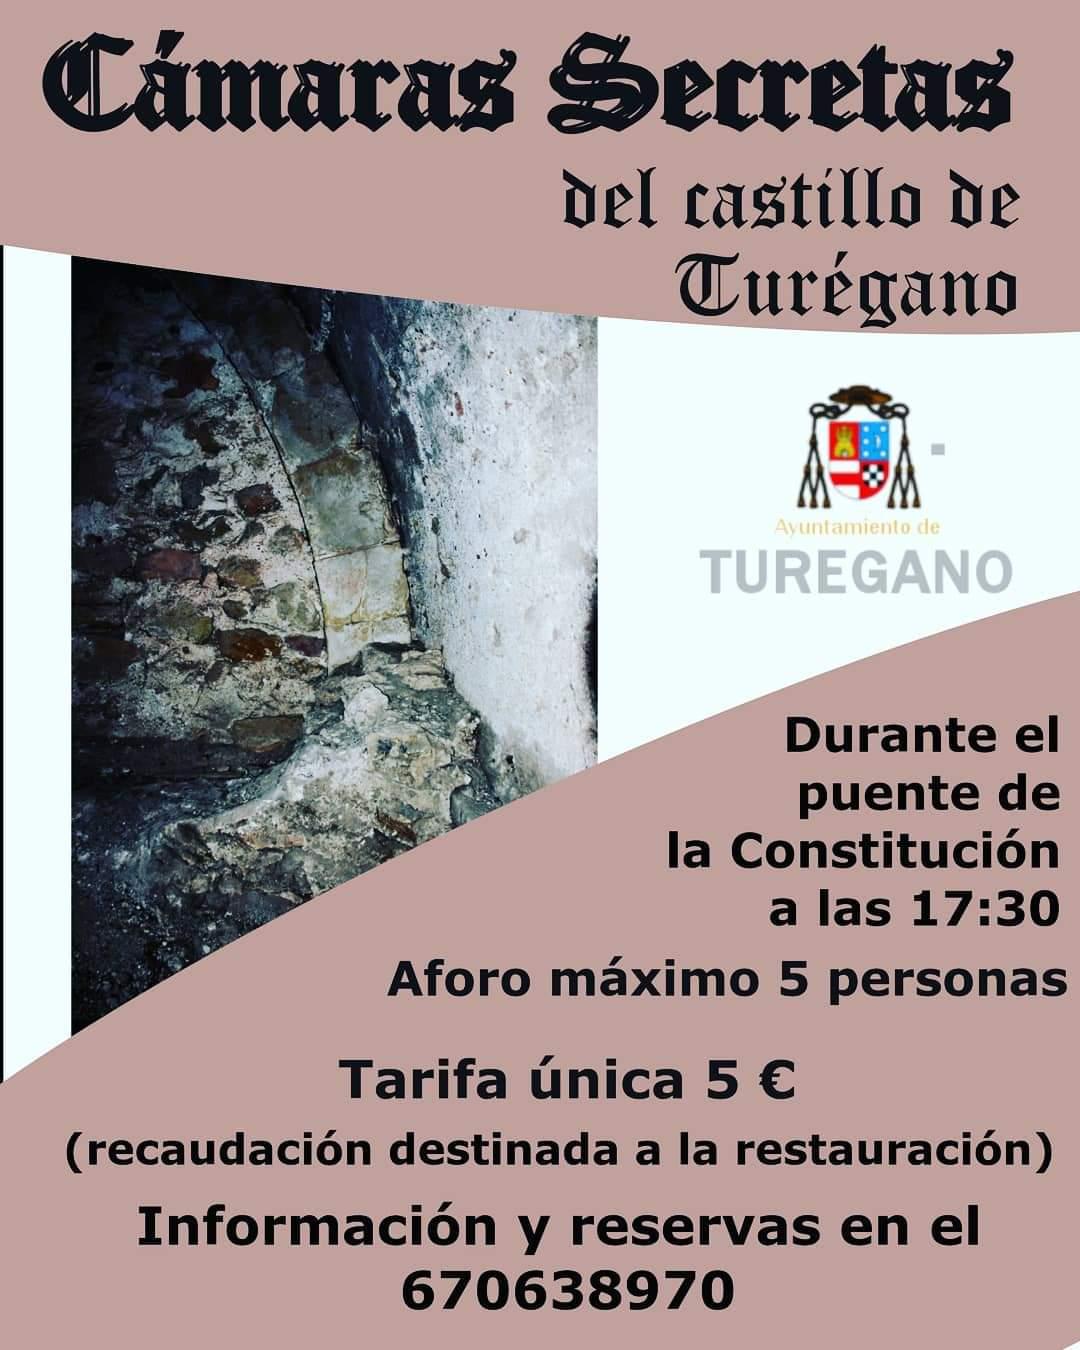 Visita al Castillo de Turégano